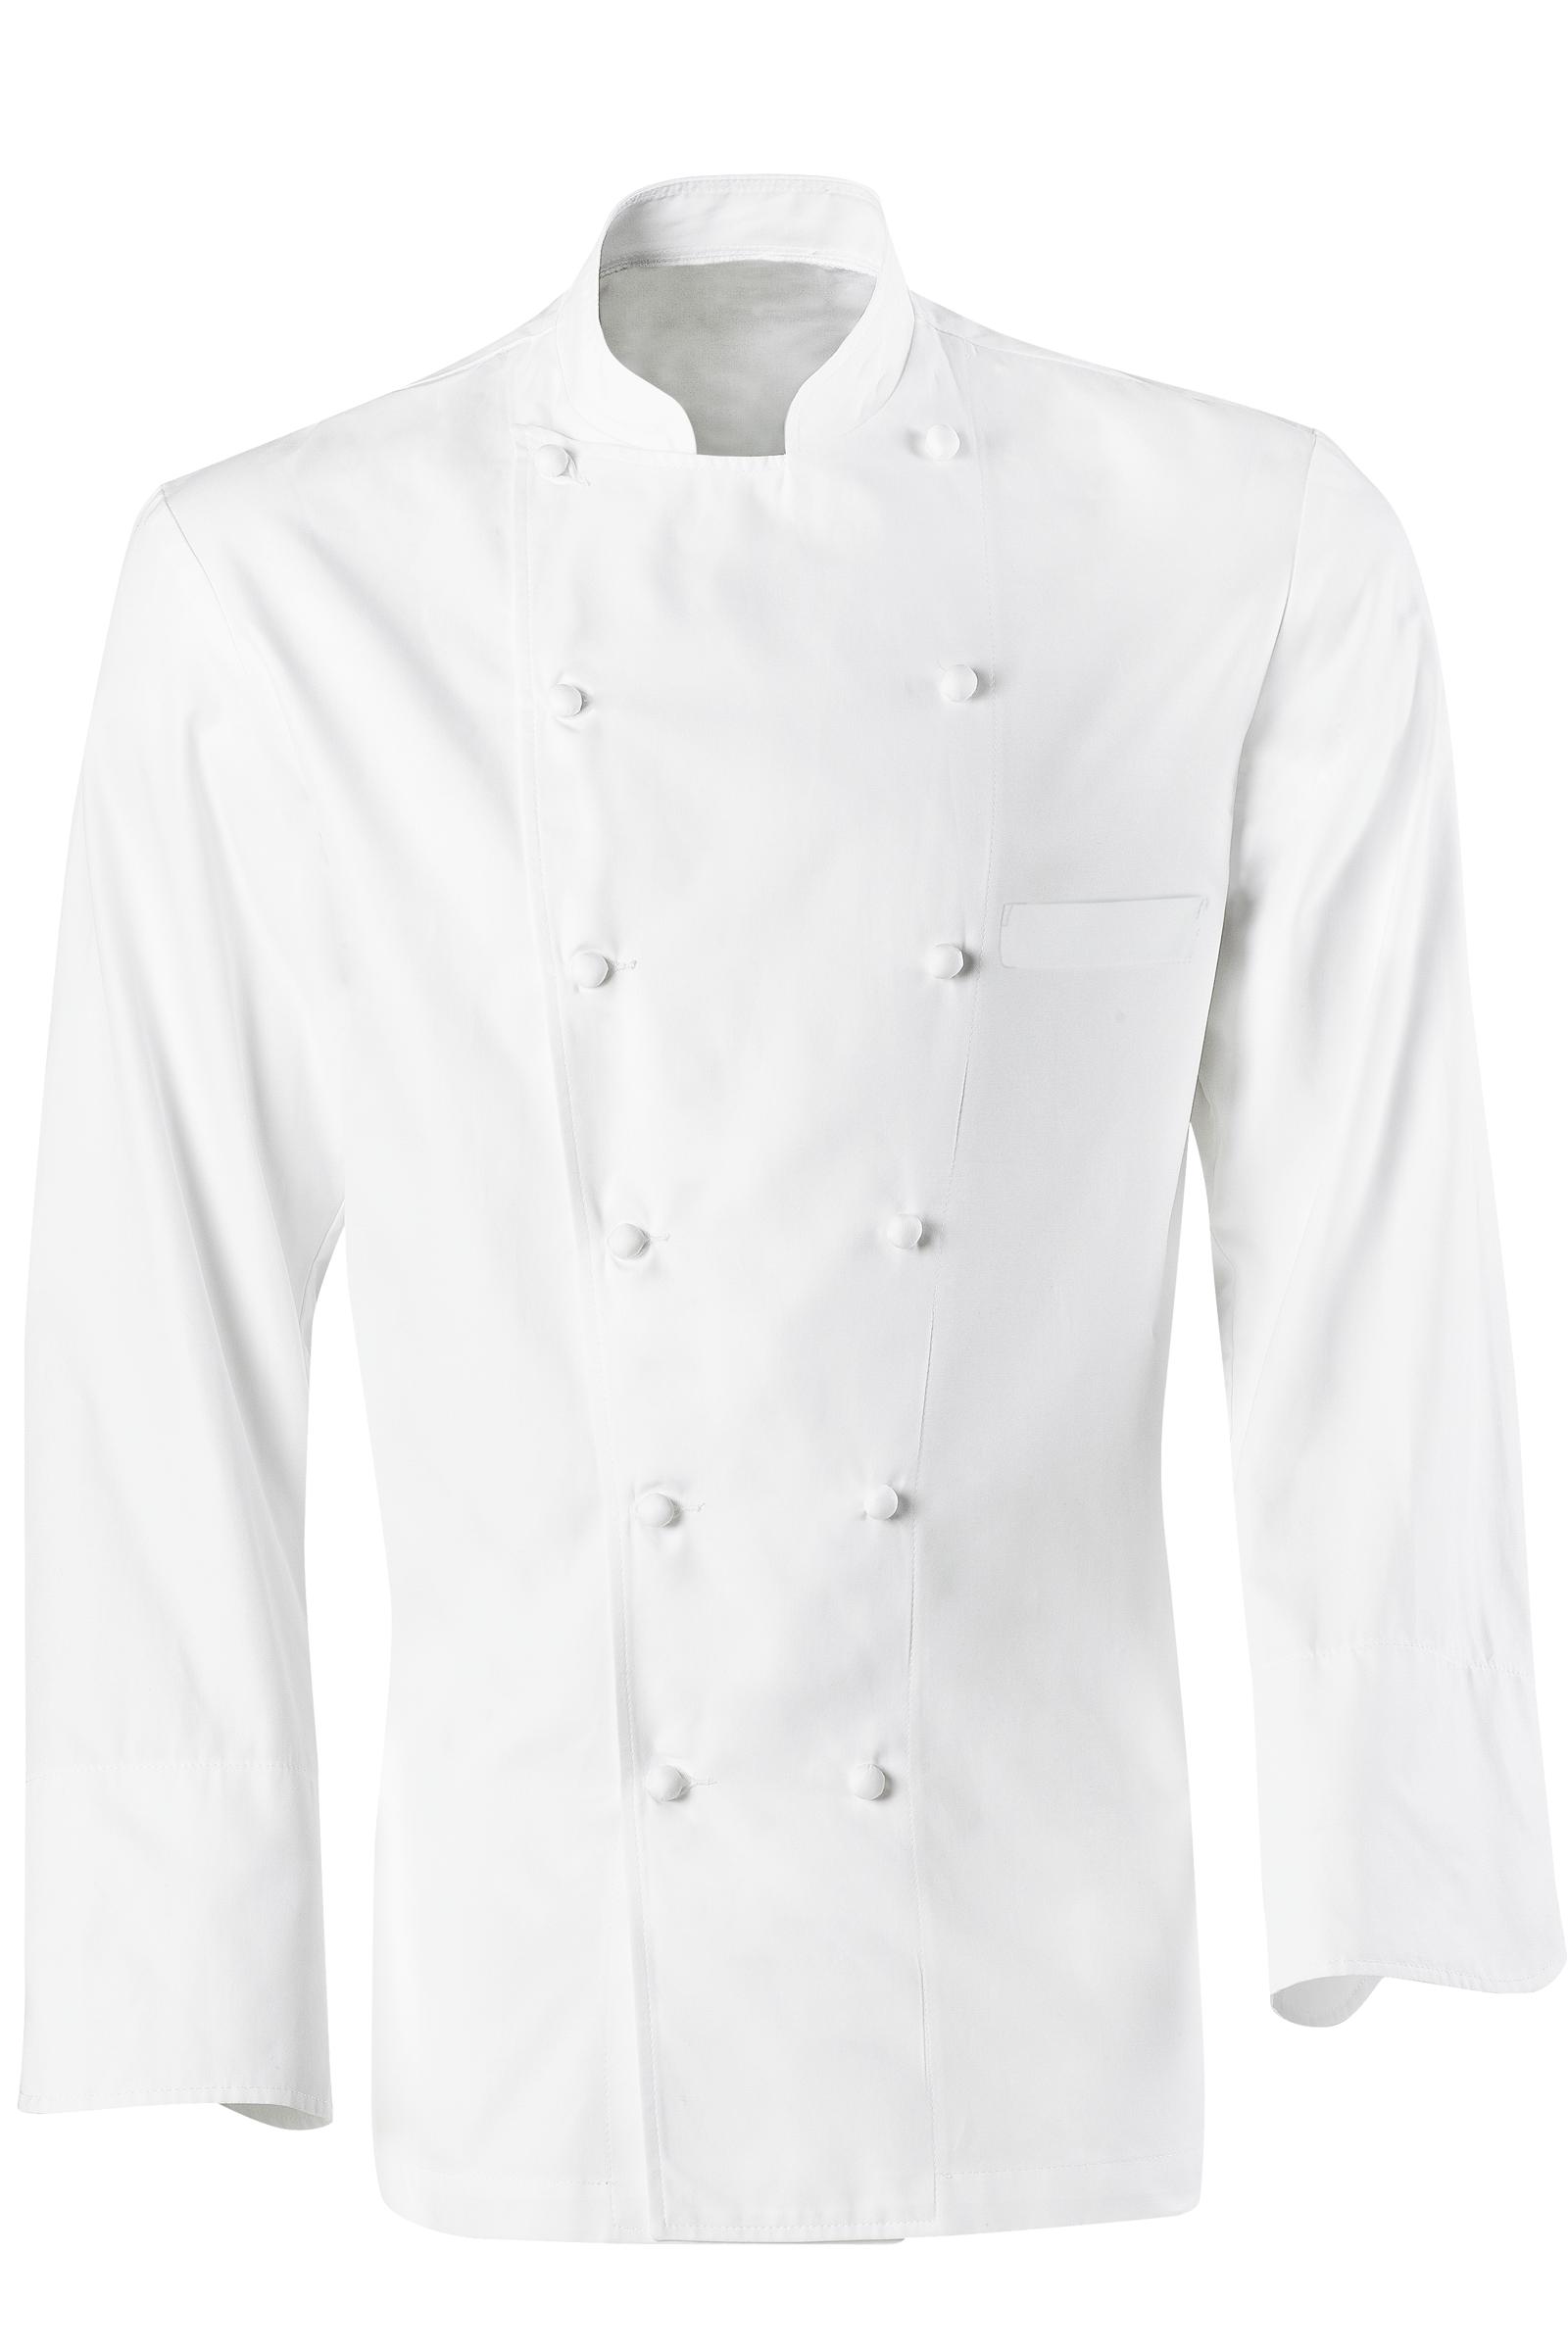 Chaquetillas de cocina grand chef blanco - Chaquetillas de cocina ...